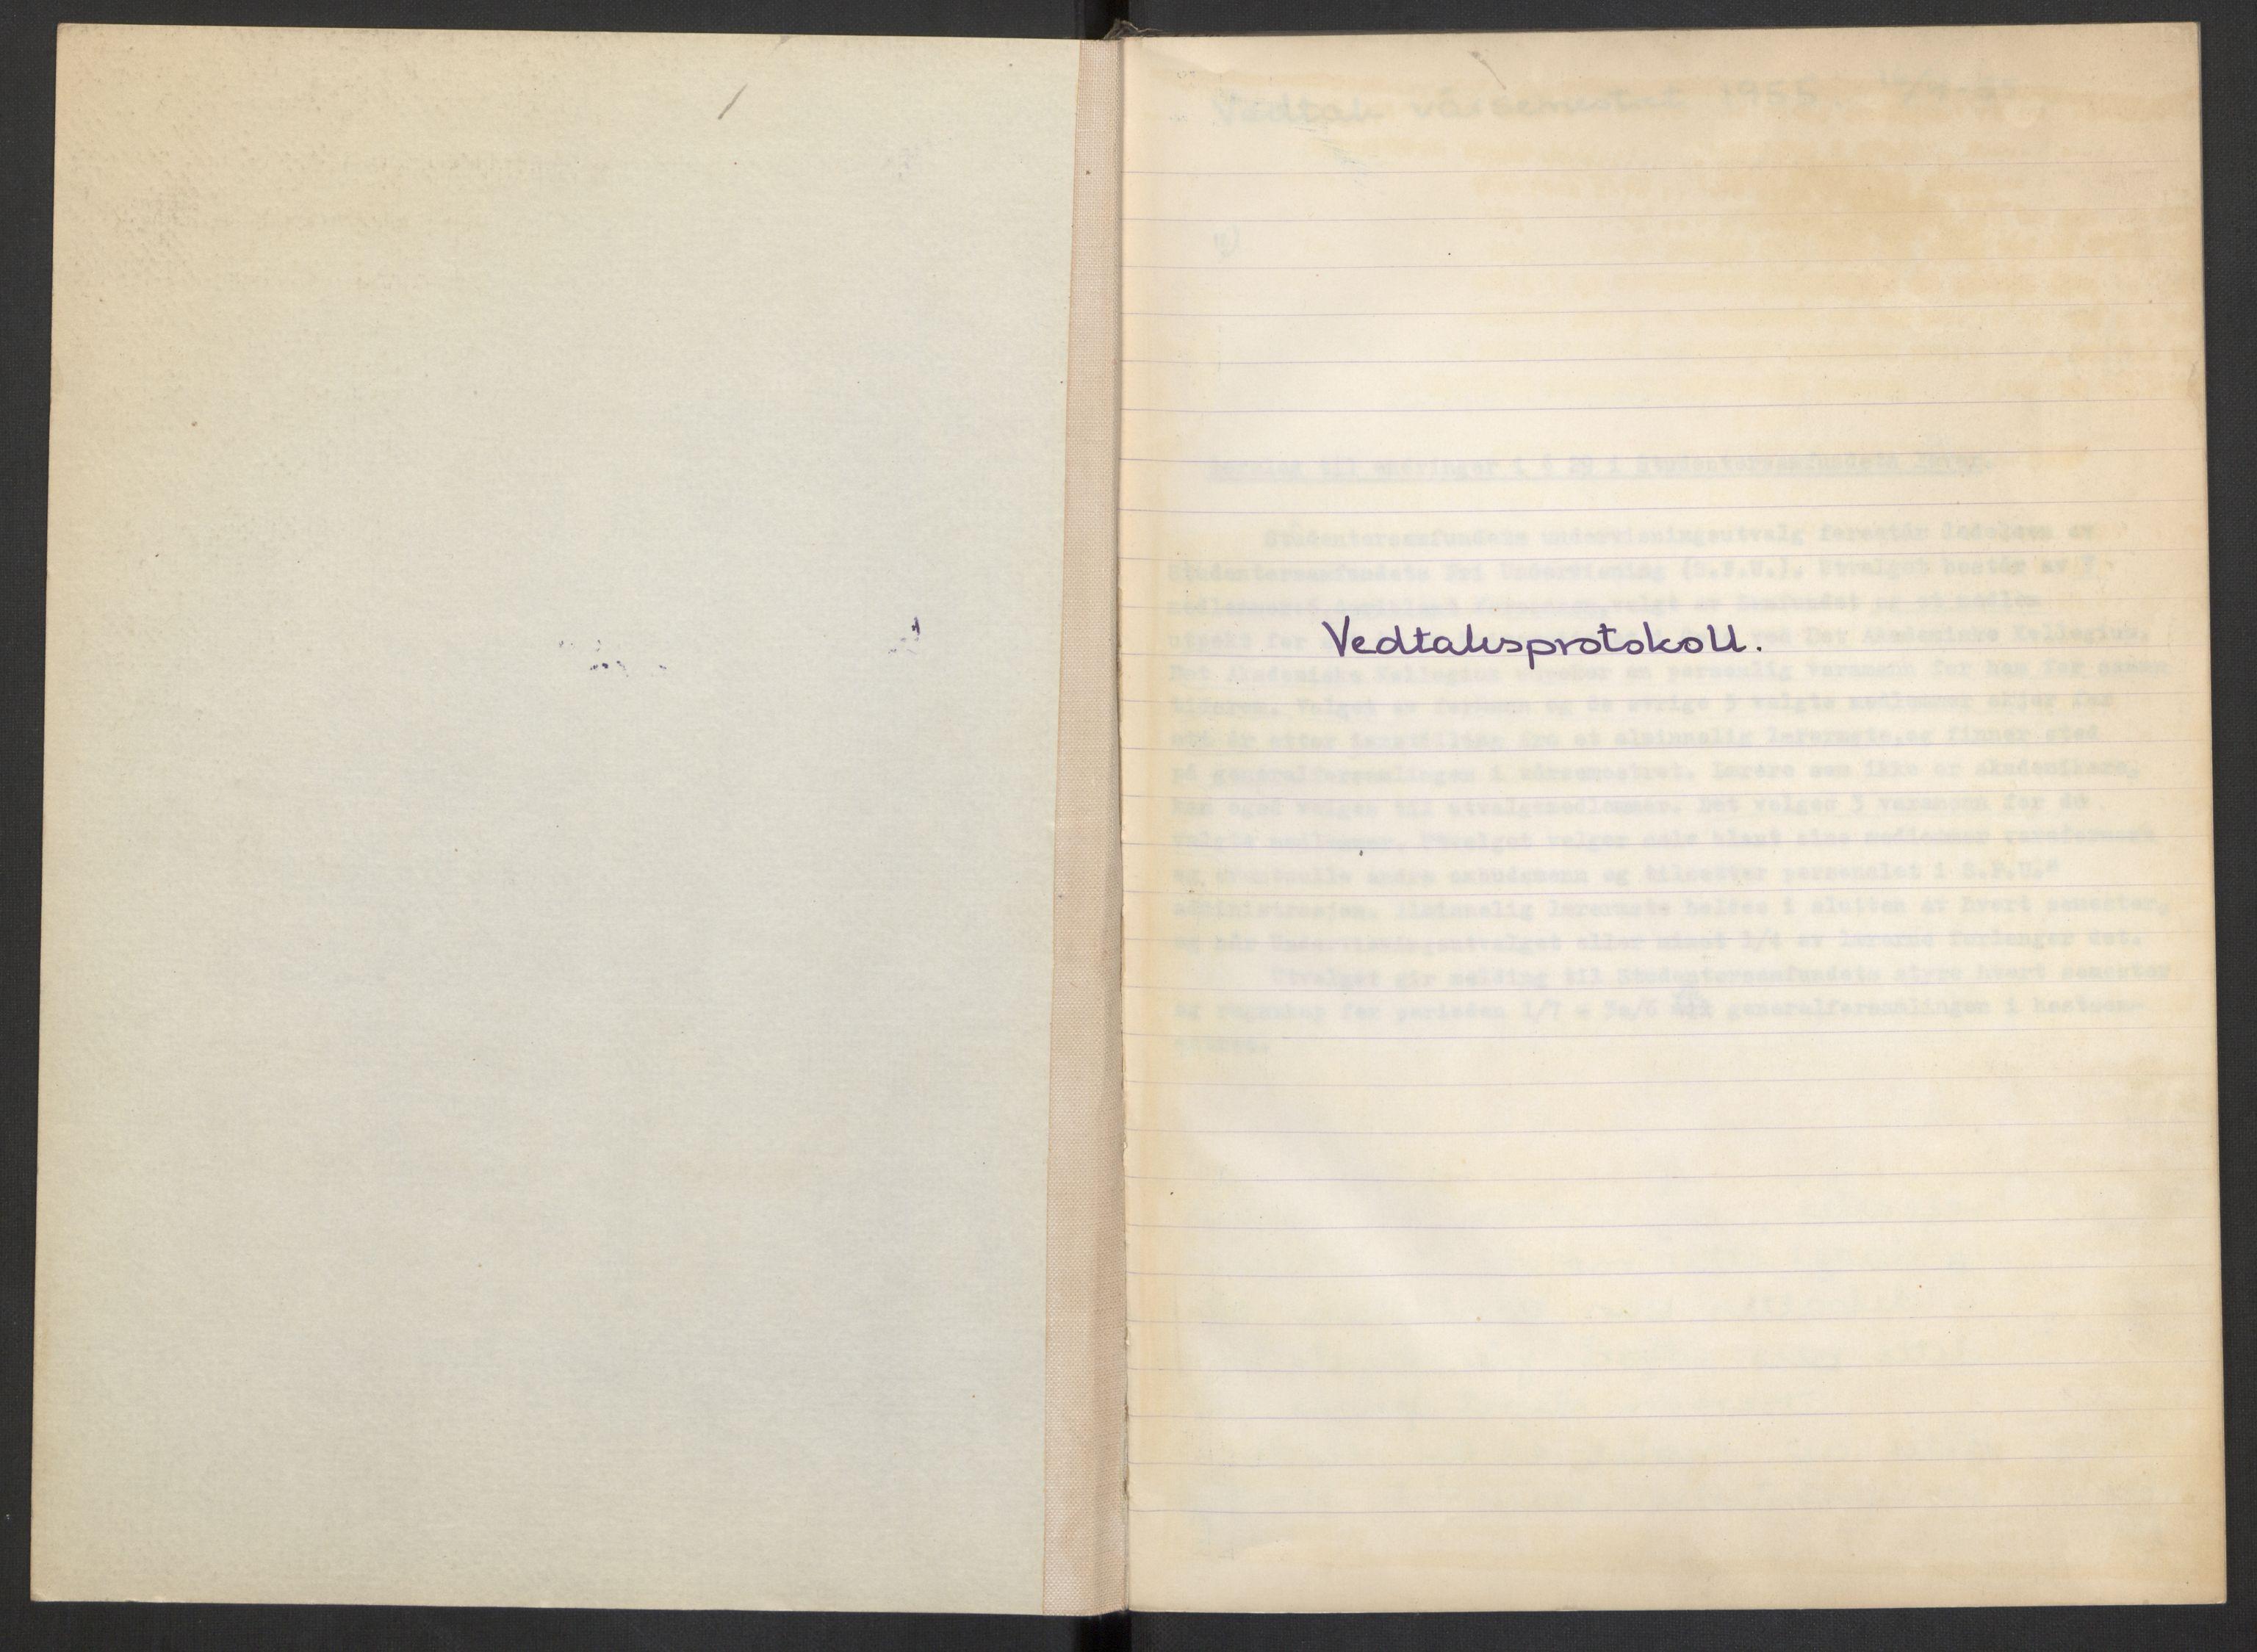 RA, Det Norske Studentersamfund, A/Aa/L0001: Generalforsamlingen, 1955